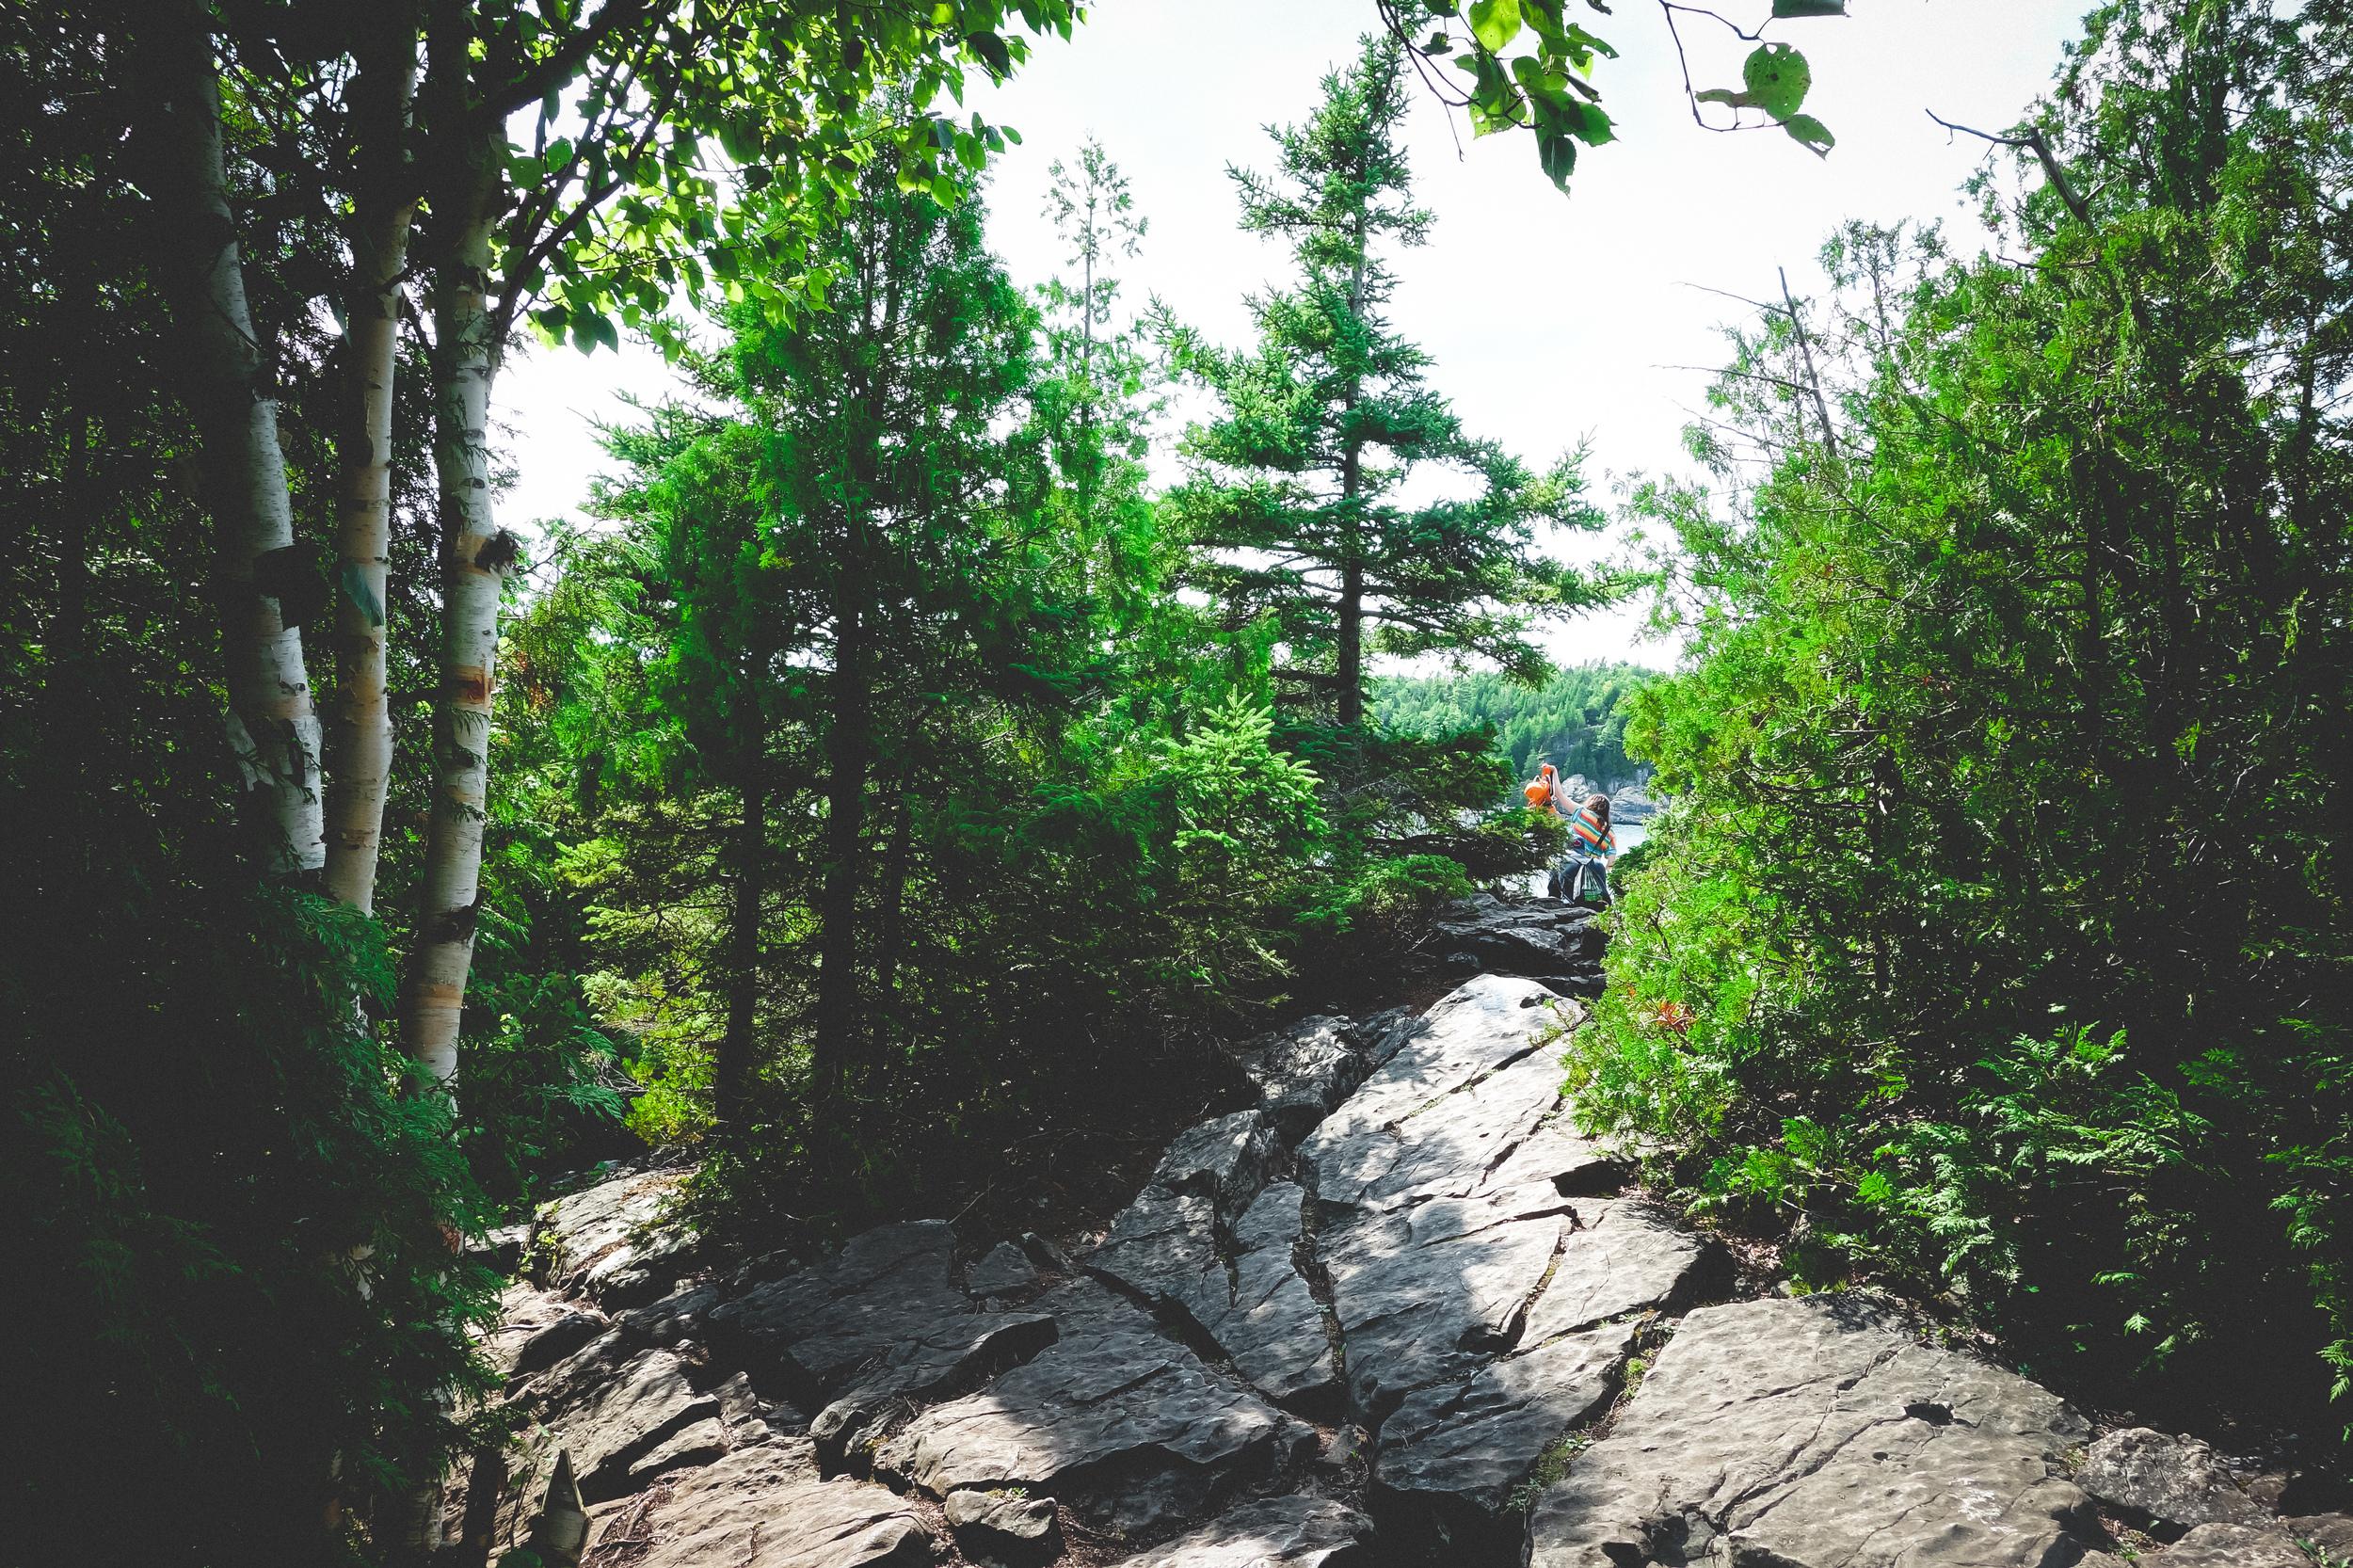 Bruce-Peninsula_Grotto-13.jpg